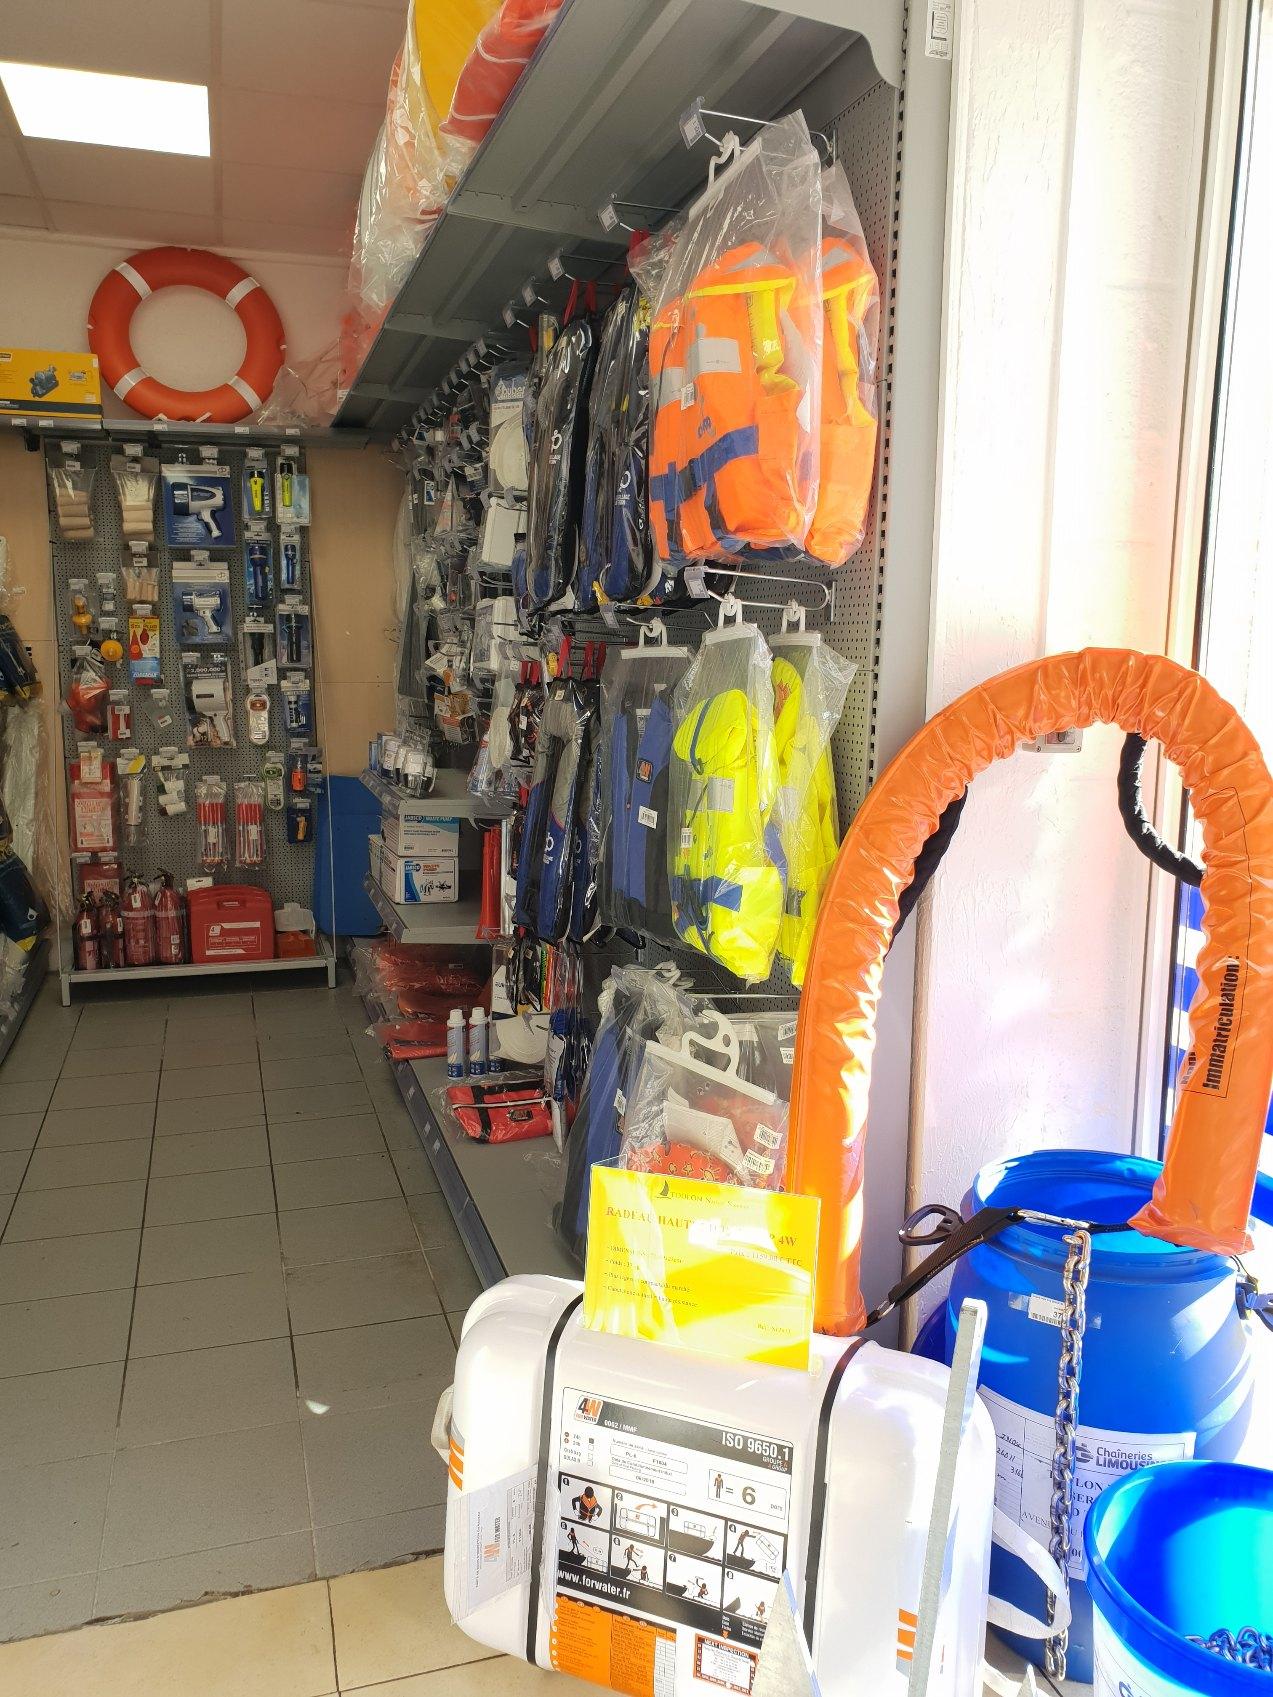 équipement de sécurité à bord du bateau du magasin d'accastillage Varois